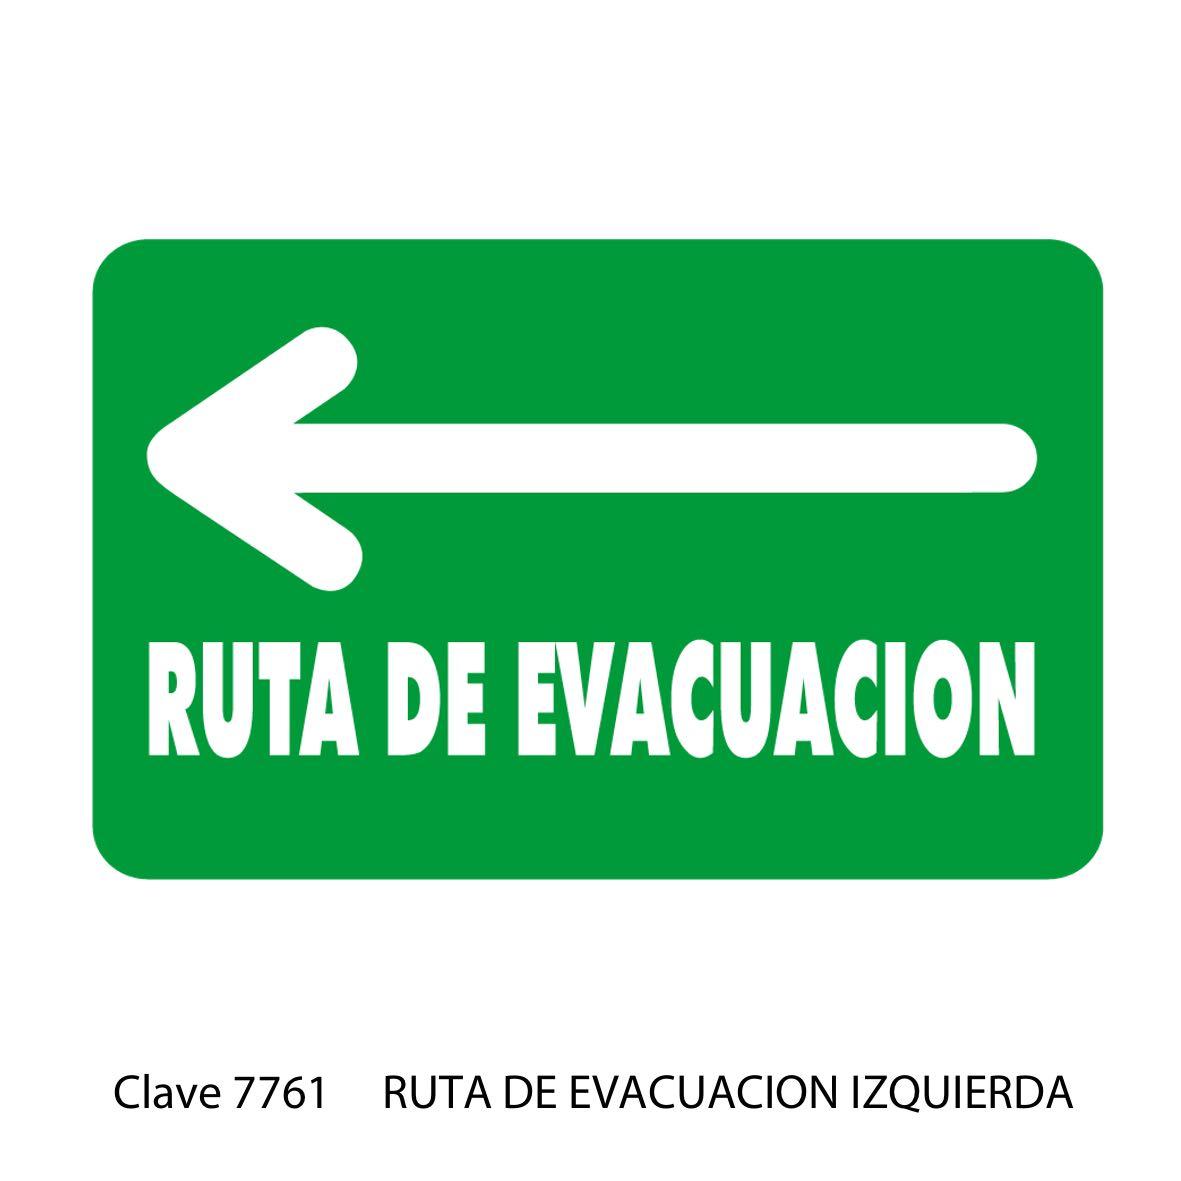 Señal Ruta de Evacuación Flecha hacia la Izquierda Modelo 7761 - Sablón